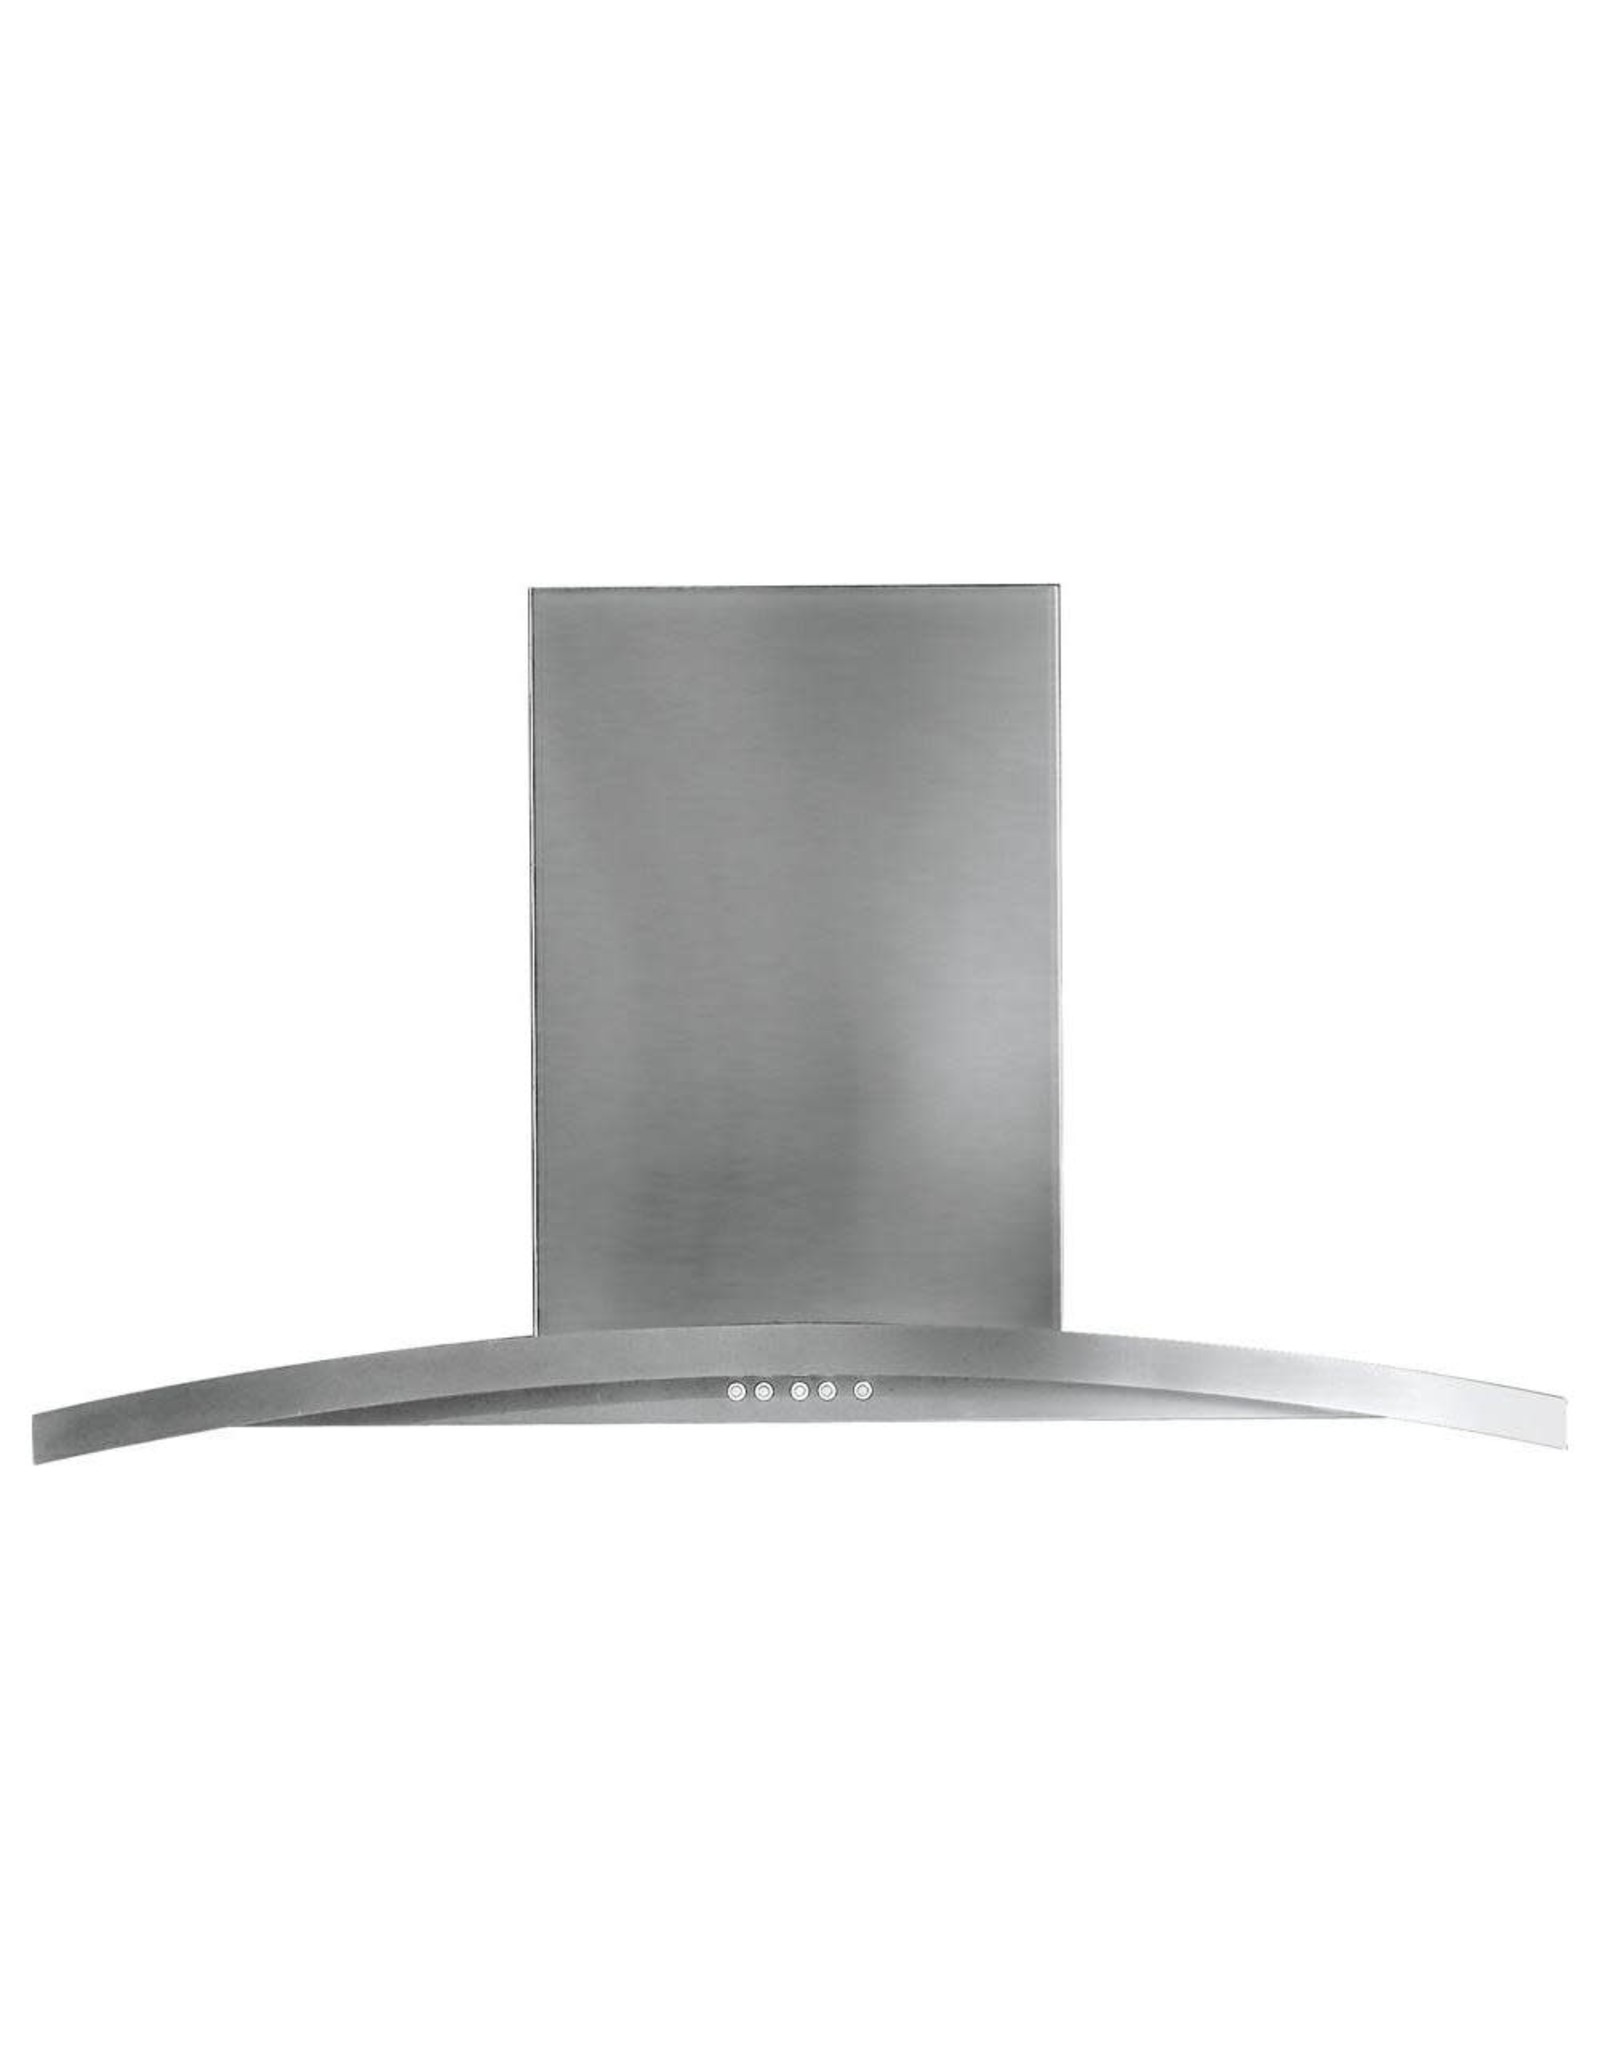 GE PROFILE Profile 36 in. Designer Range Hood in Stainless Steel